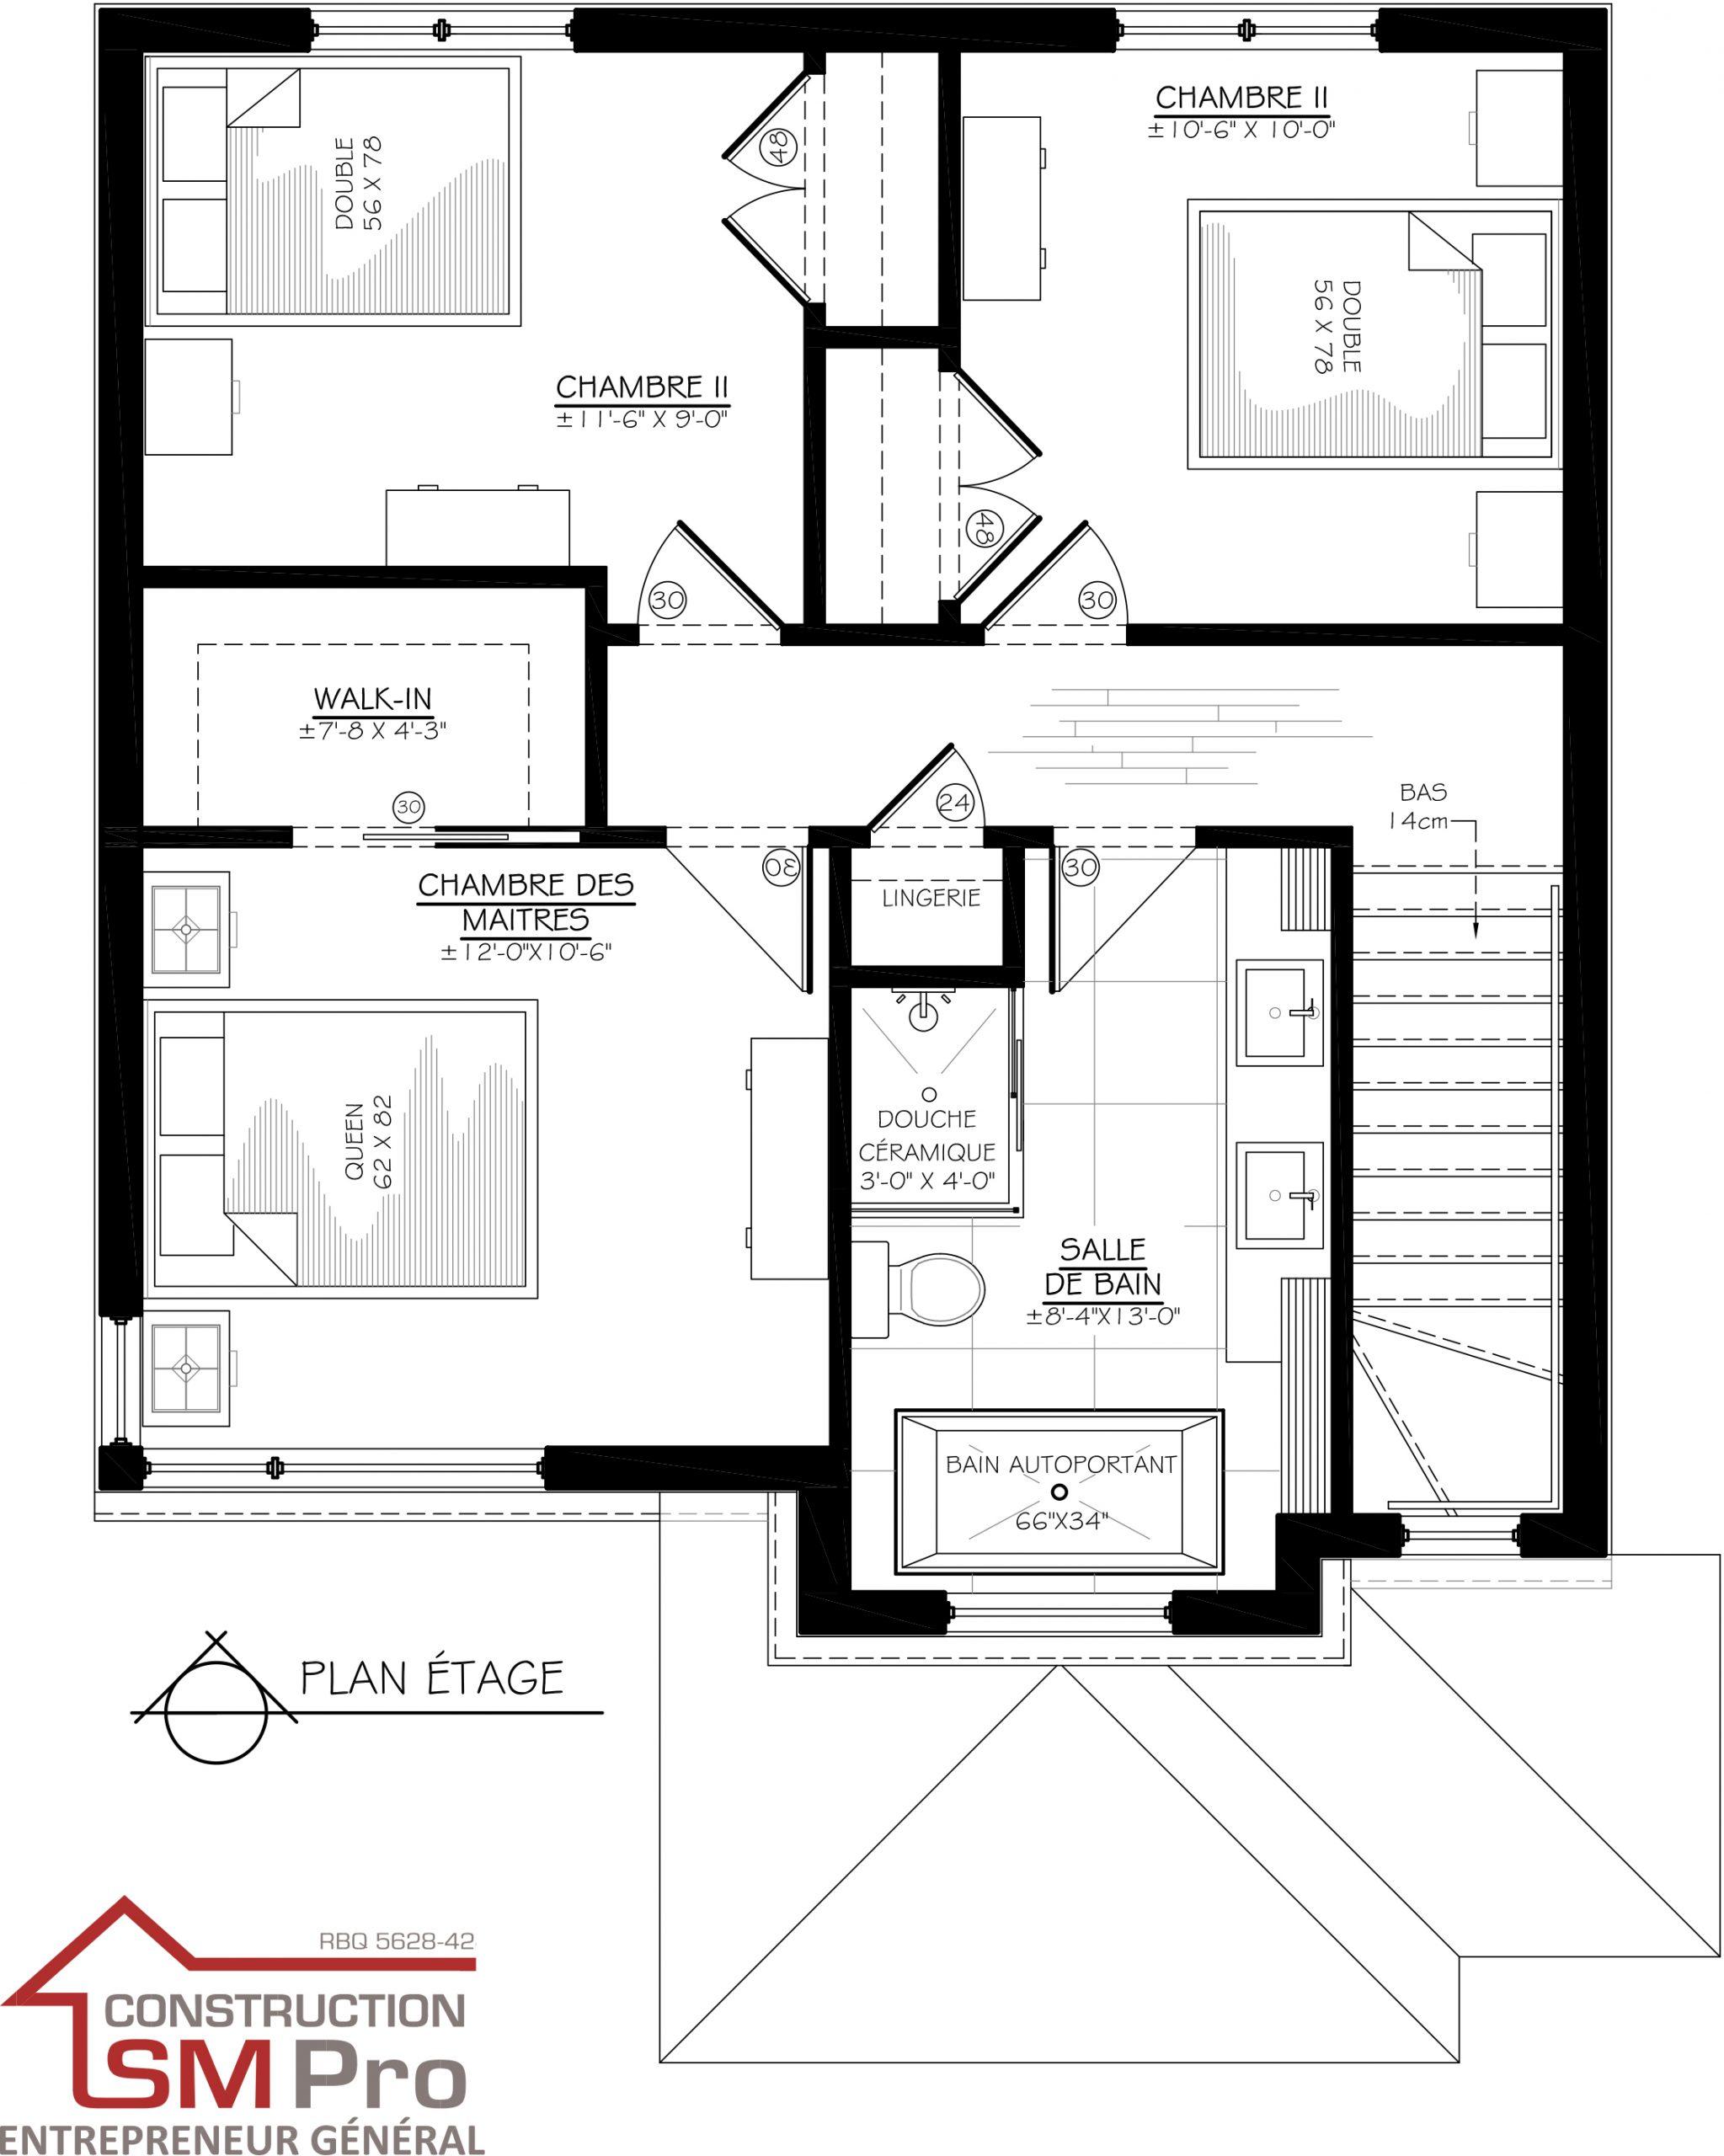 Construction SM Pro image modele ARIA PLAN de l'etage